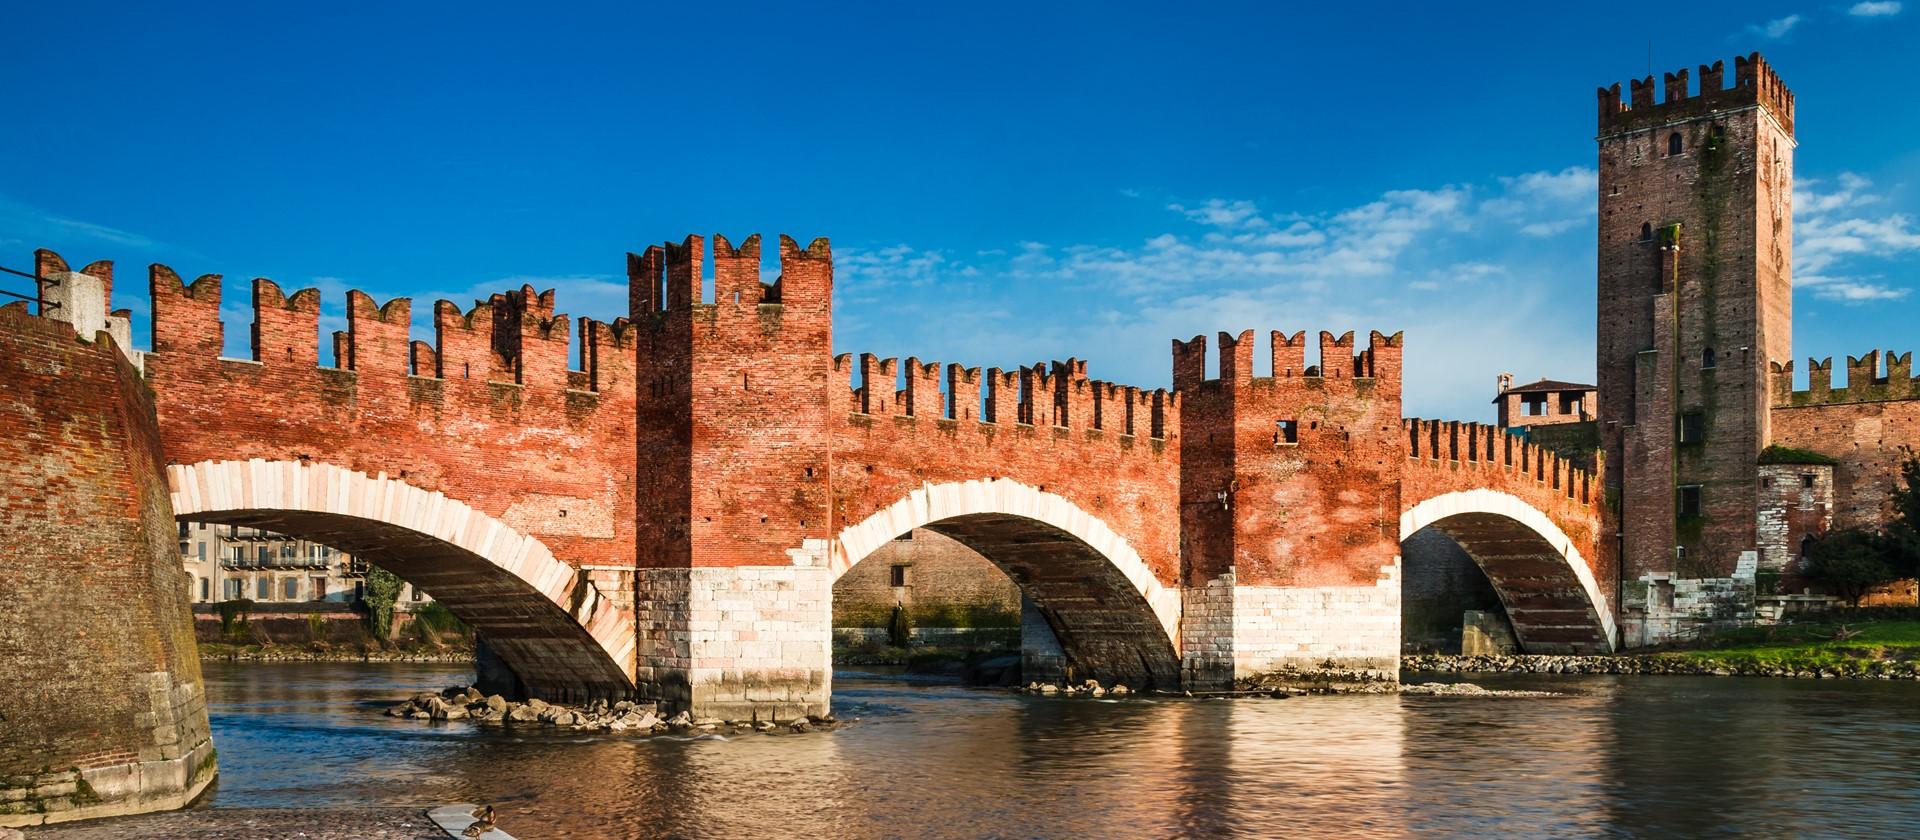 Visitare Verona: turismo di prossimità con il tour dei castelli